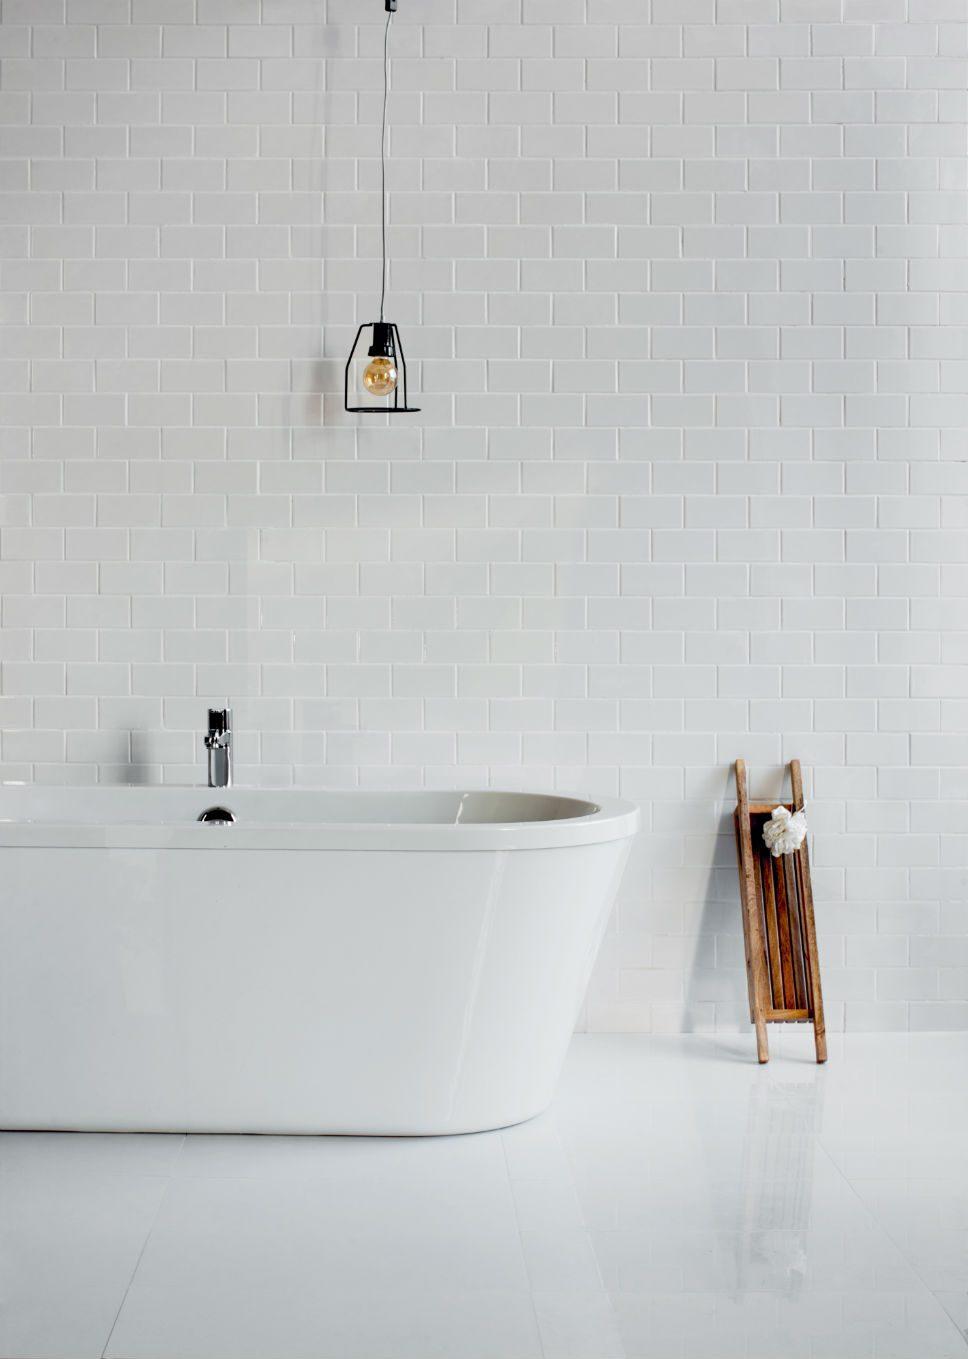 Britton Bathrooms | The Cleargreen Range - Enki Magazine